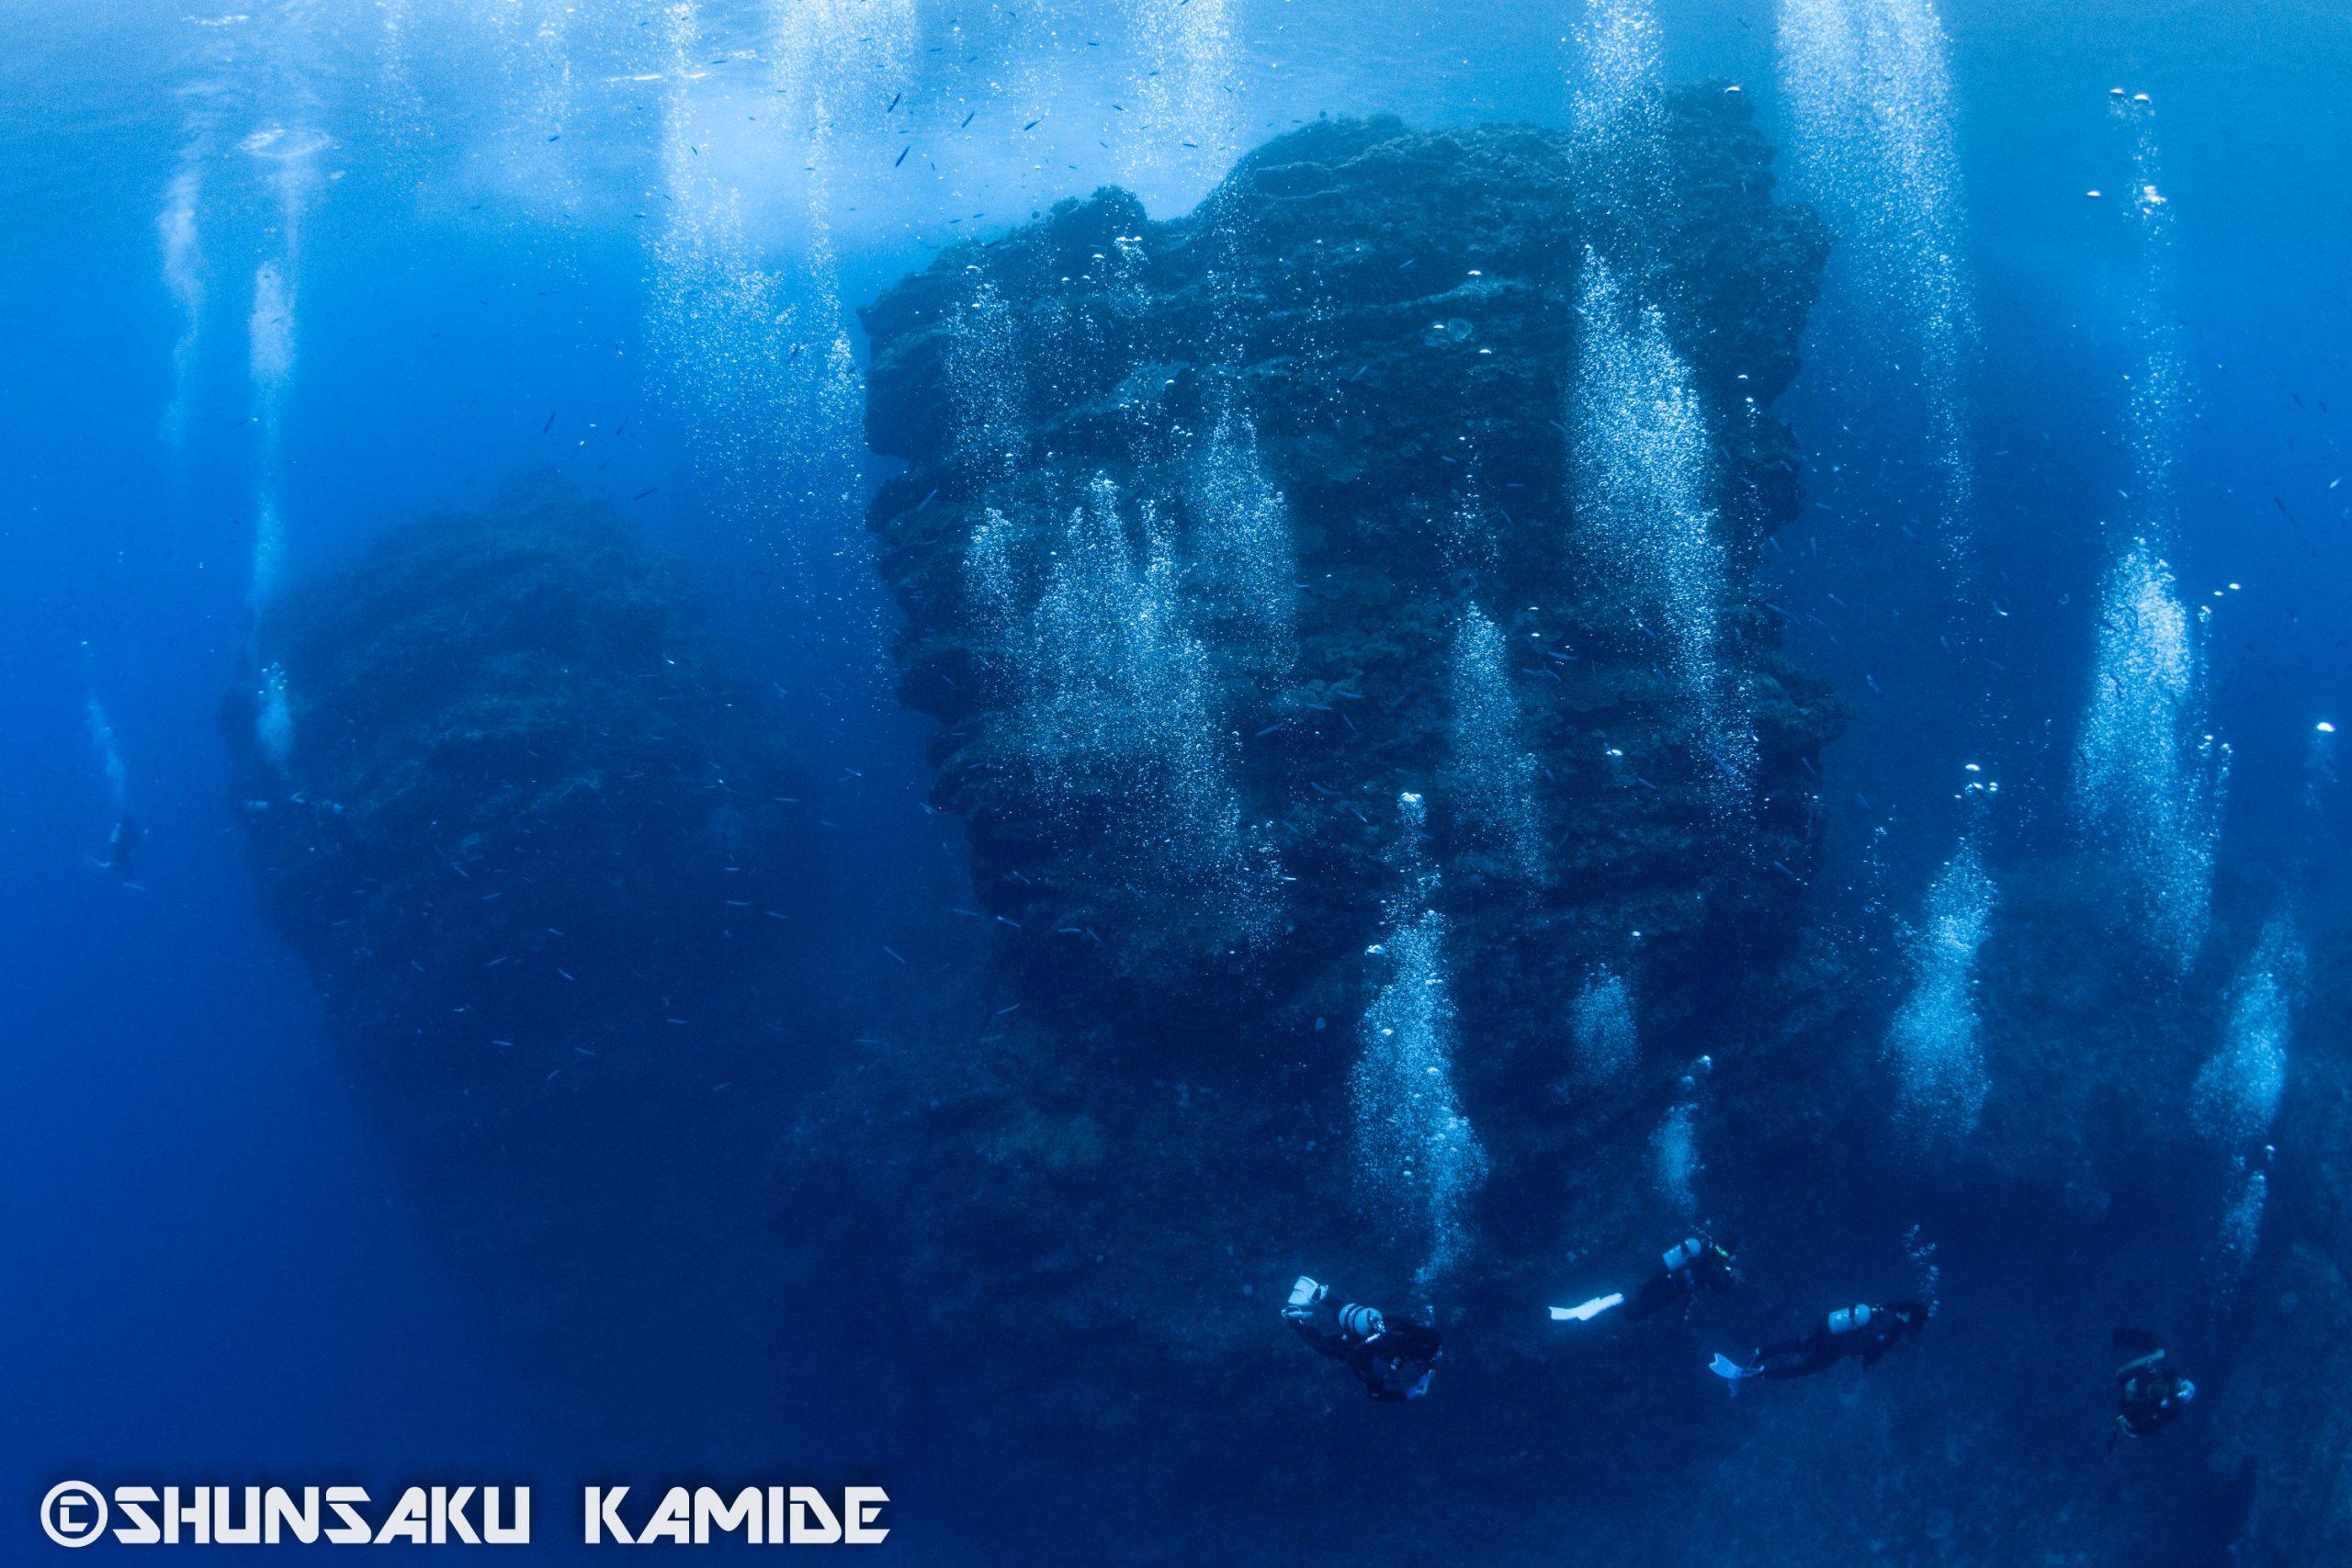 世界自然遺産登録目前!?沖縄本島北部「やんばる」の海の知られざる魅力に迫る [前編]